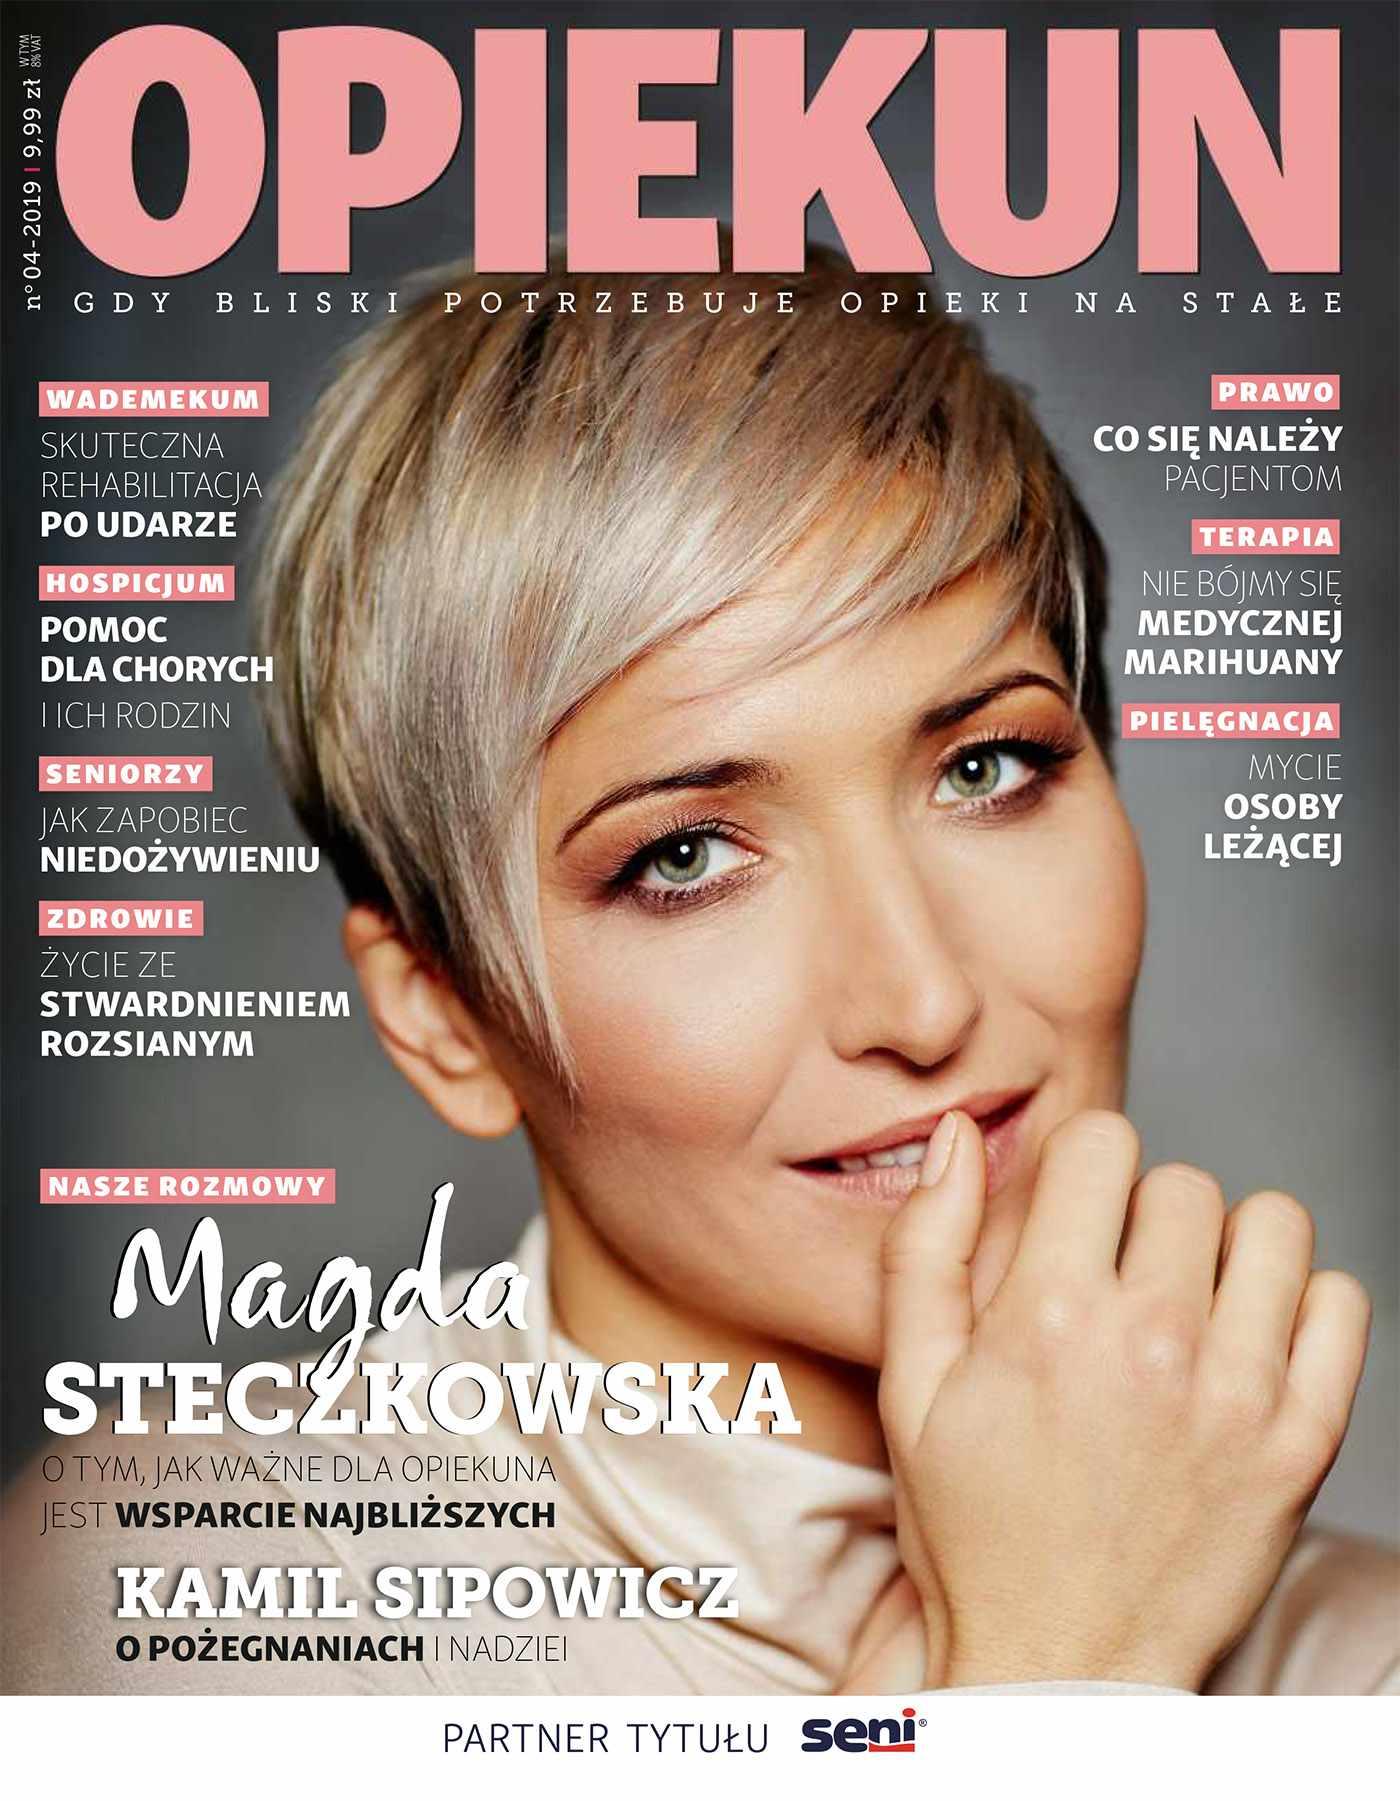 Opiekun. Gdy Bliski Potrzebuje Opieki Na Stałe 4/2019 - Ebook (Książka PDF) do pobrania w formacie PDF